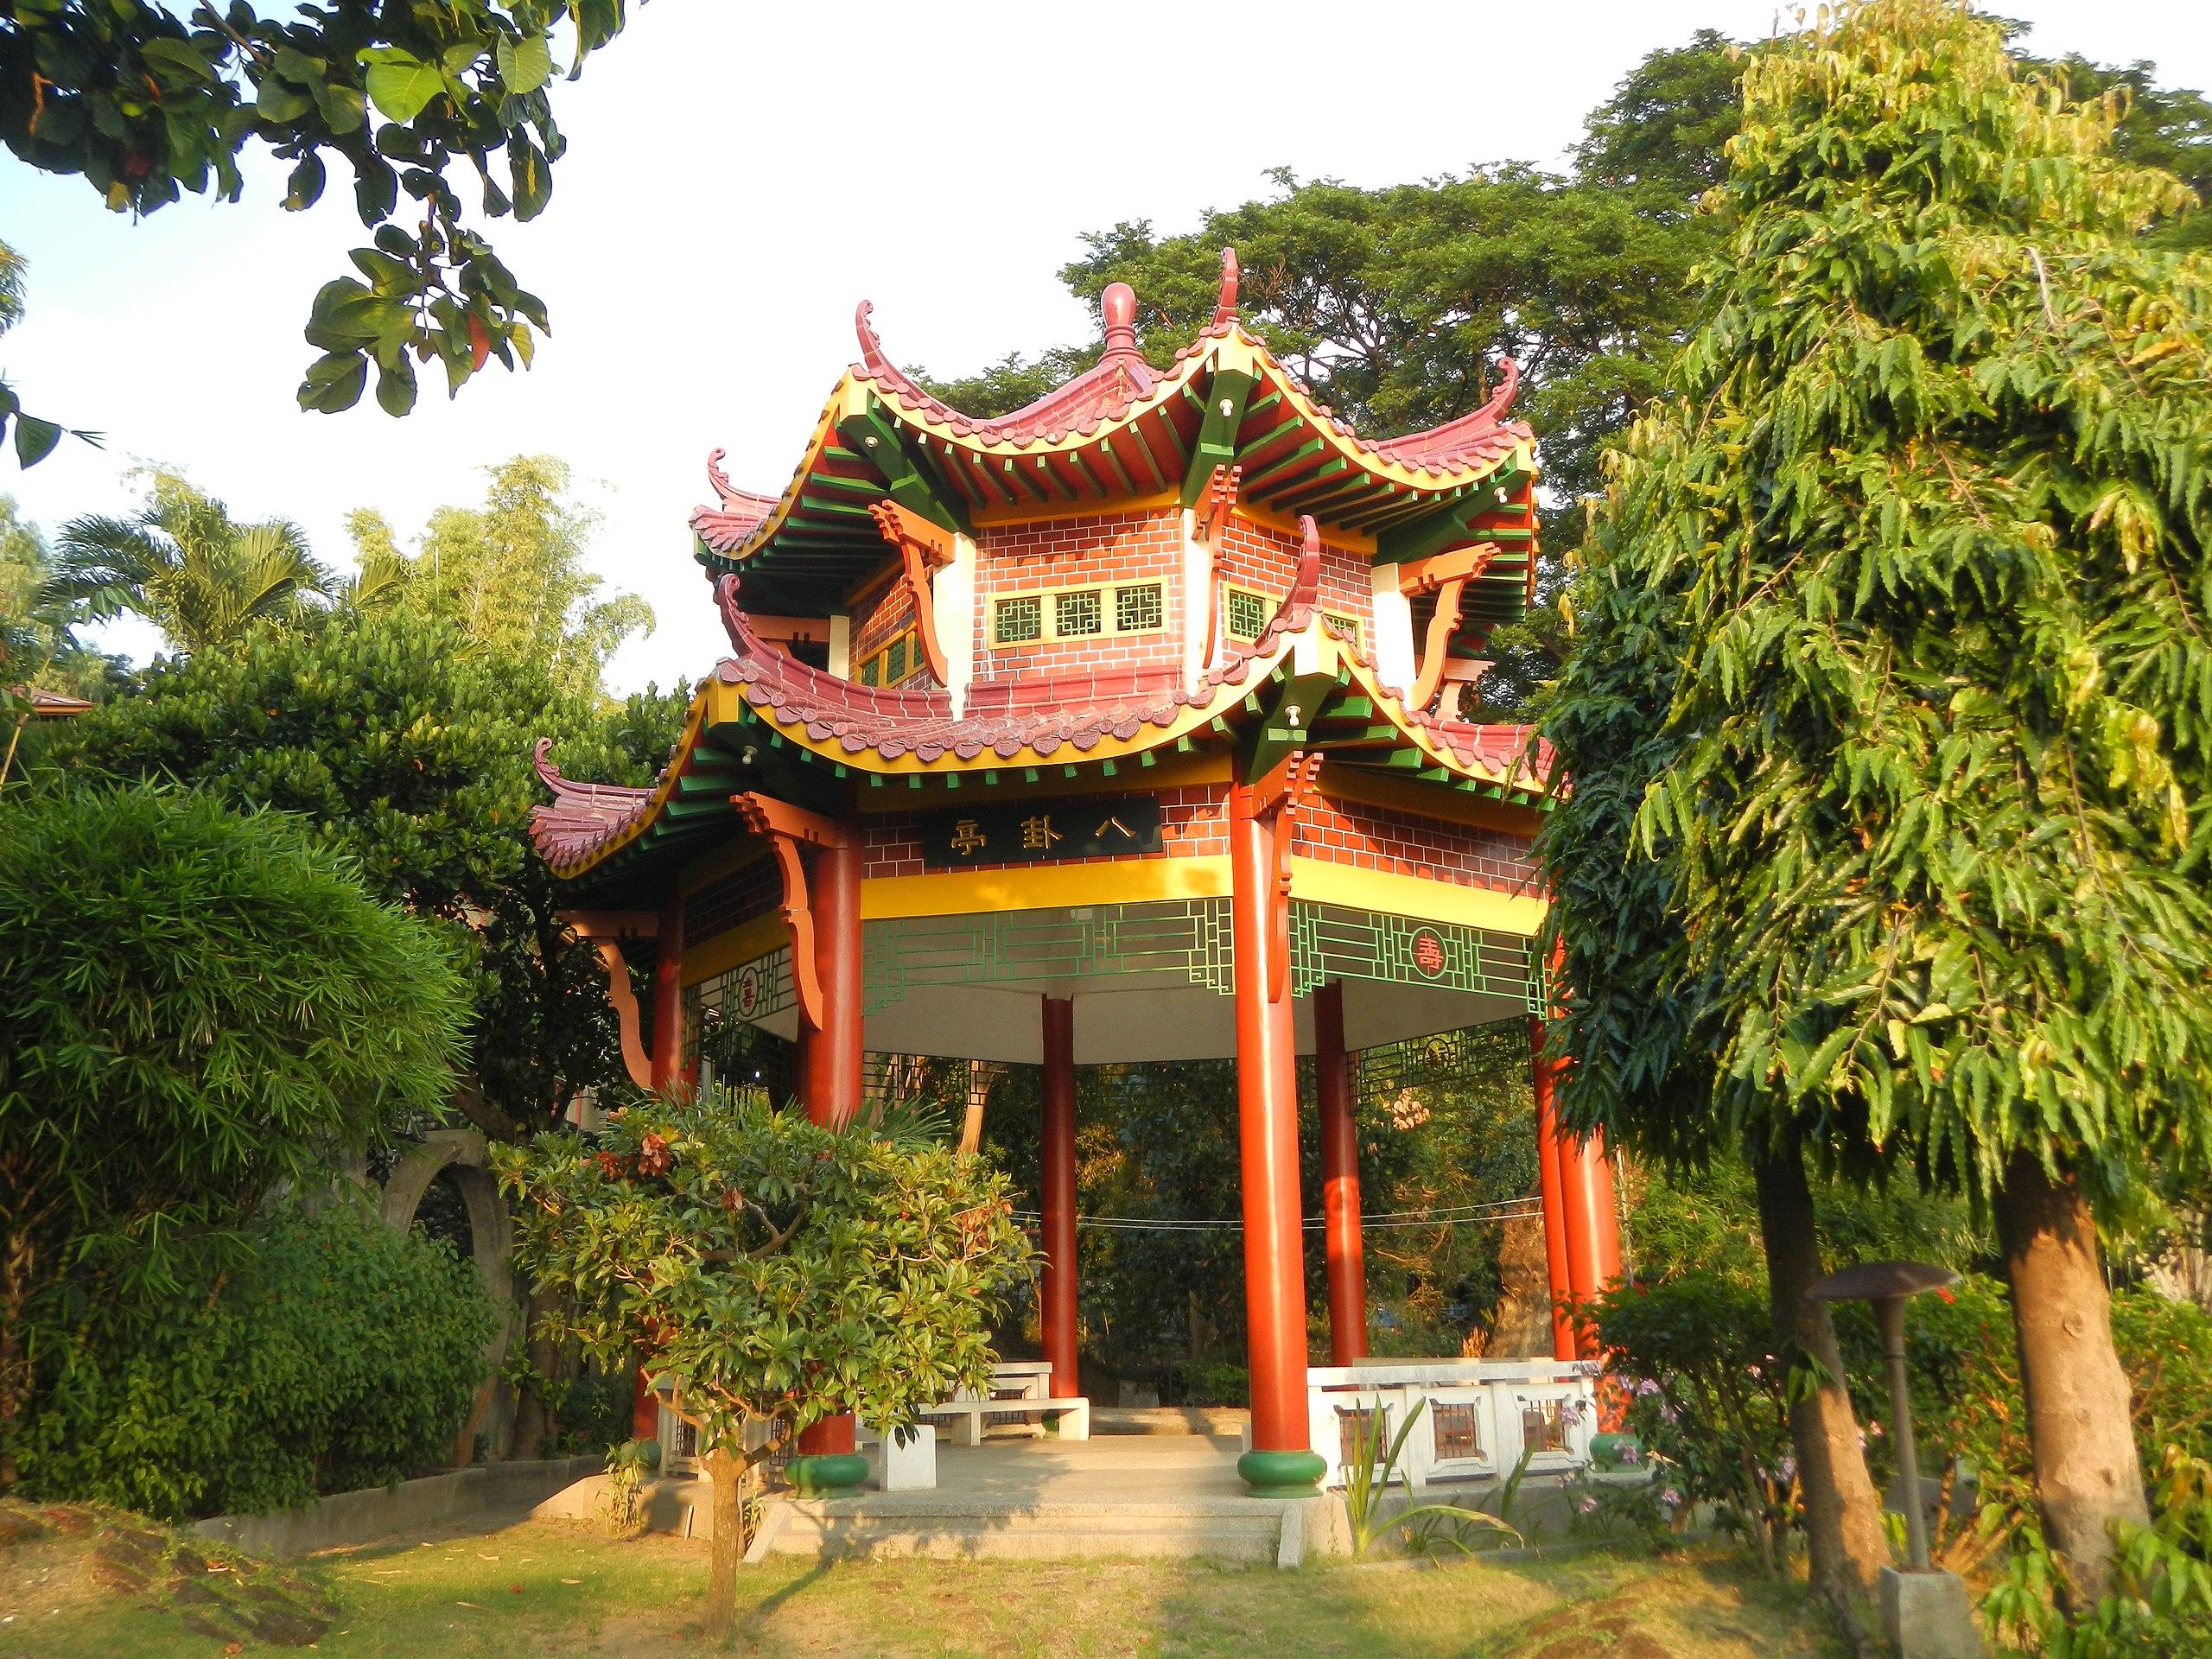 Pagoda at Kuan Yin Garden